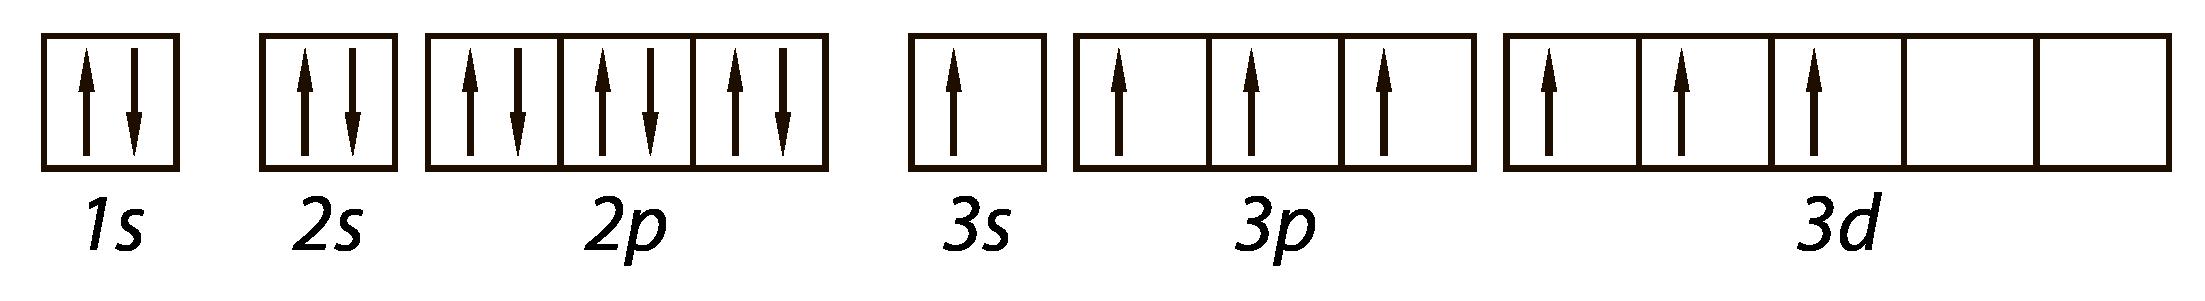 электронное строение атома хлора в основном и в возбужденном состояниях